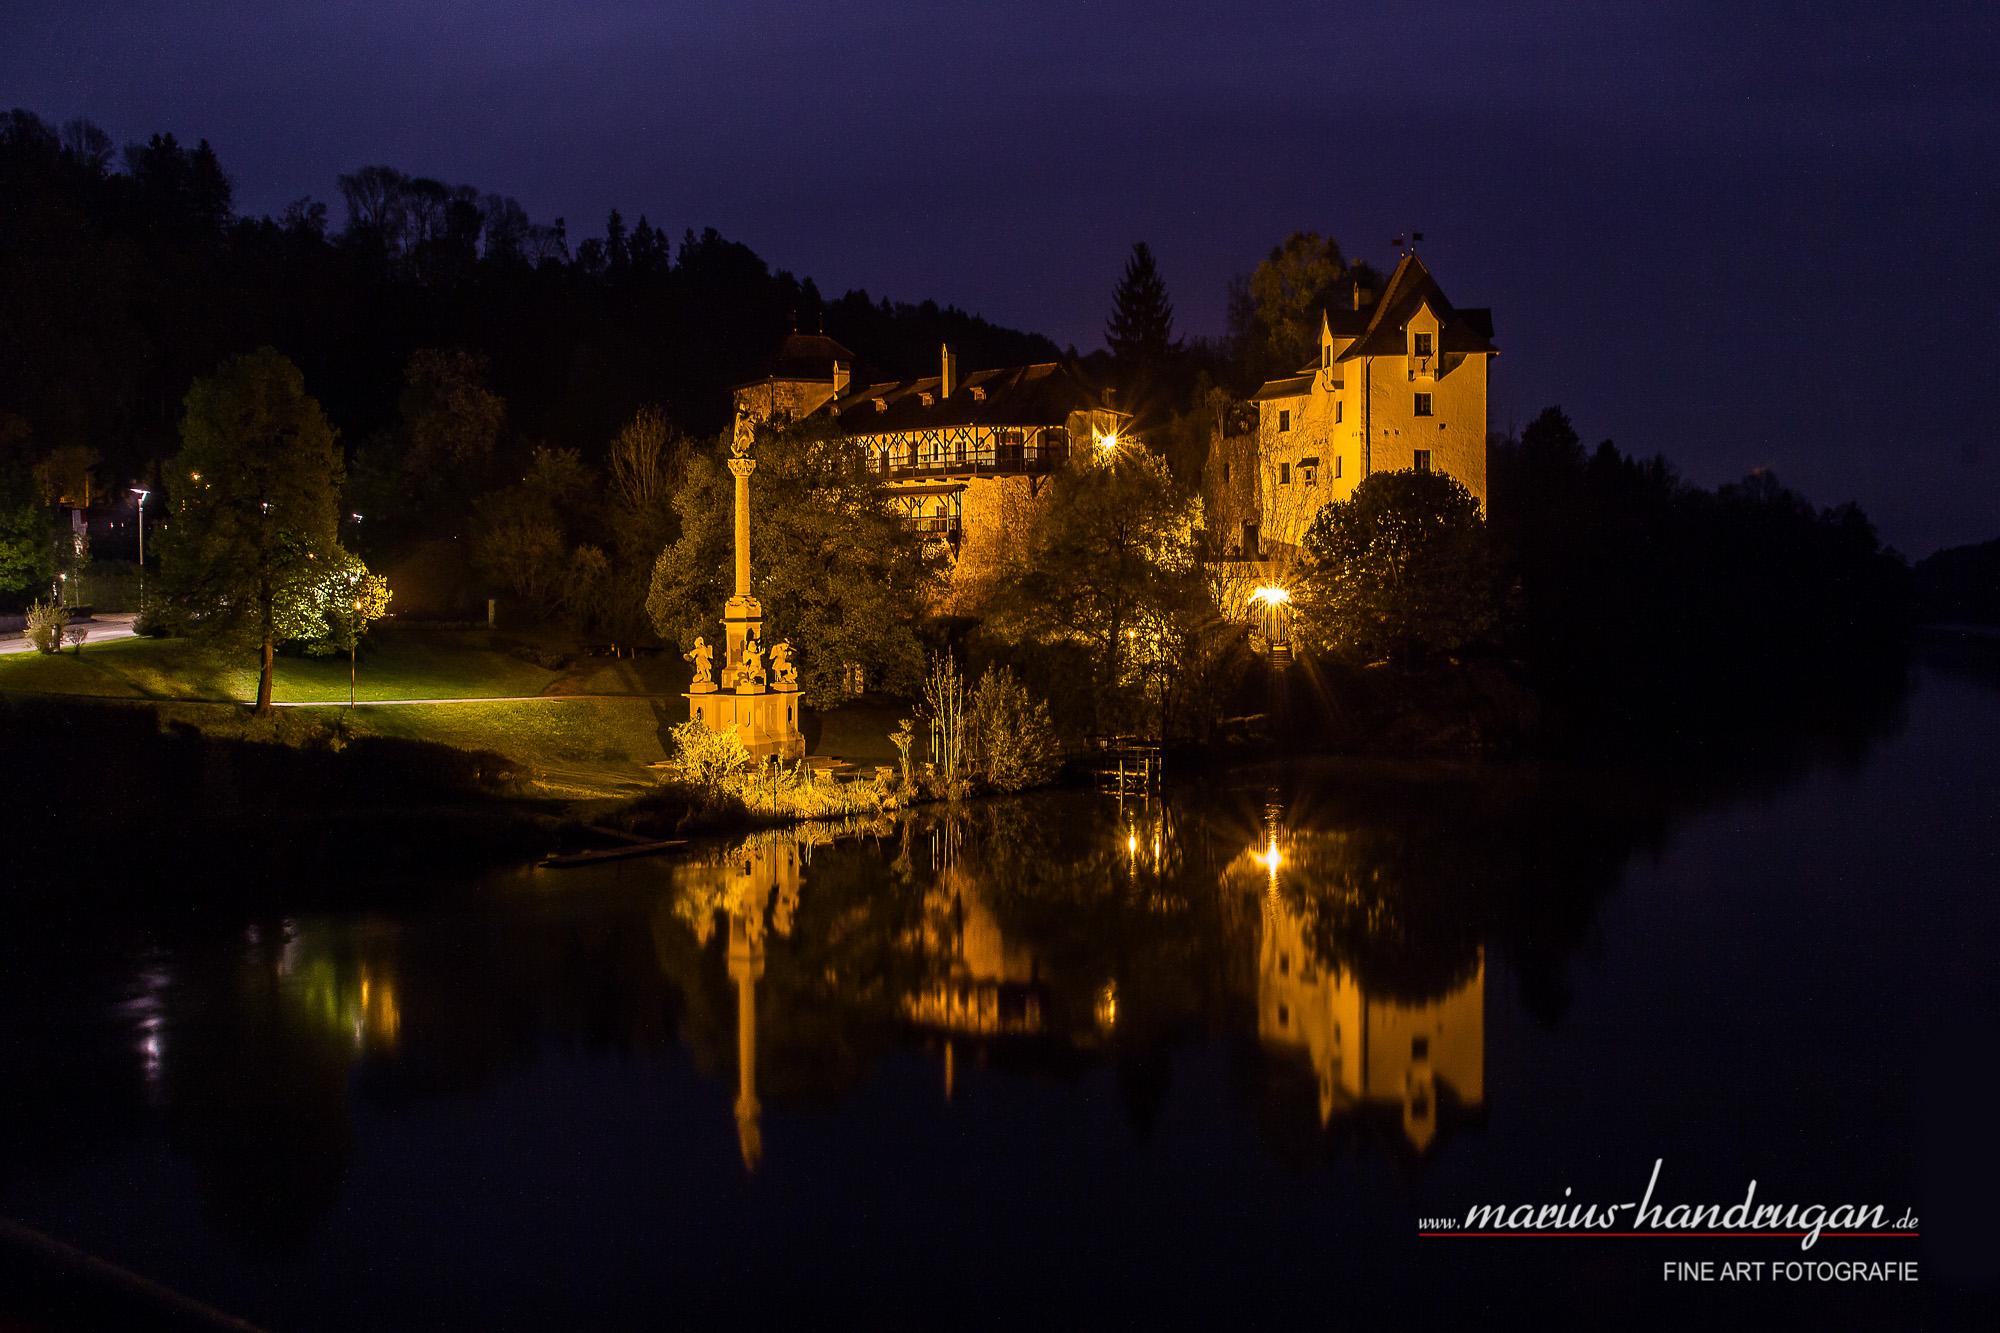 Burg Wernstein bei Nacht